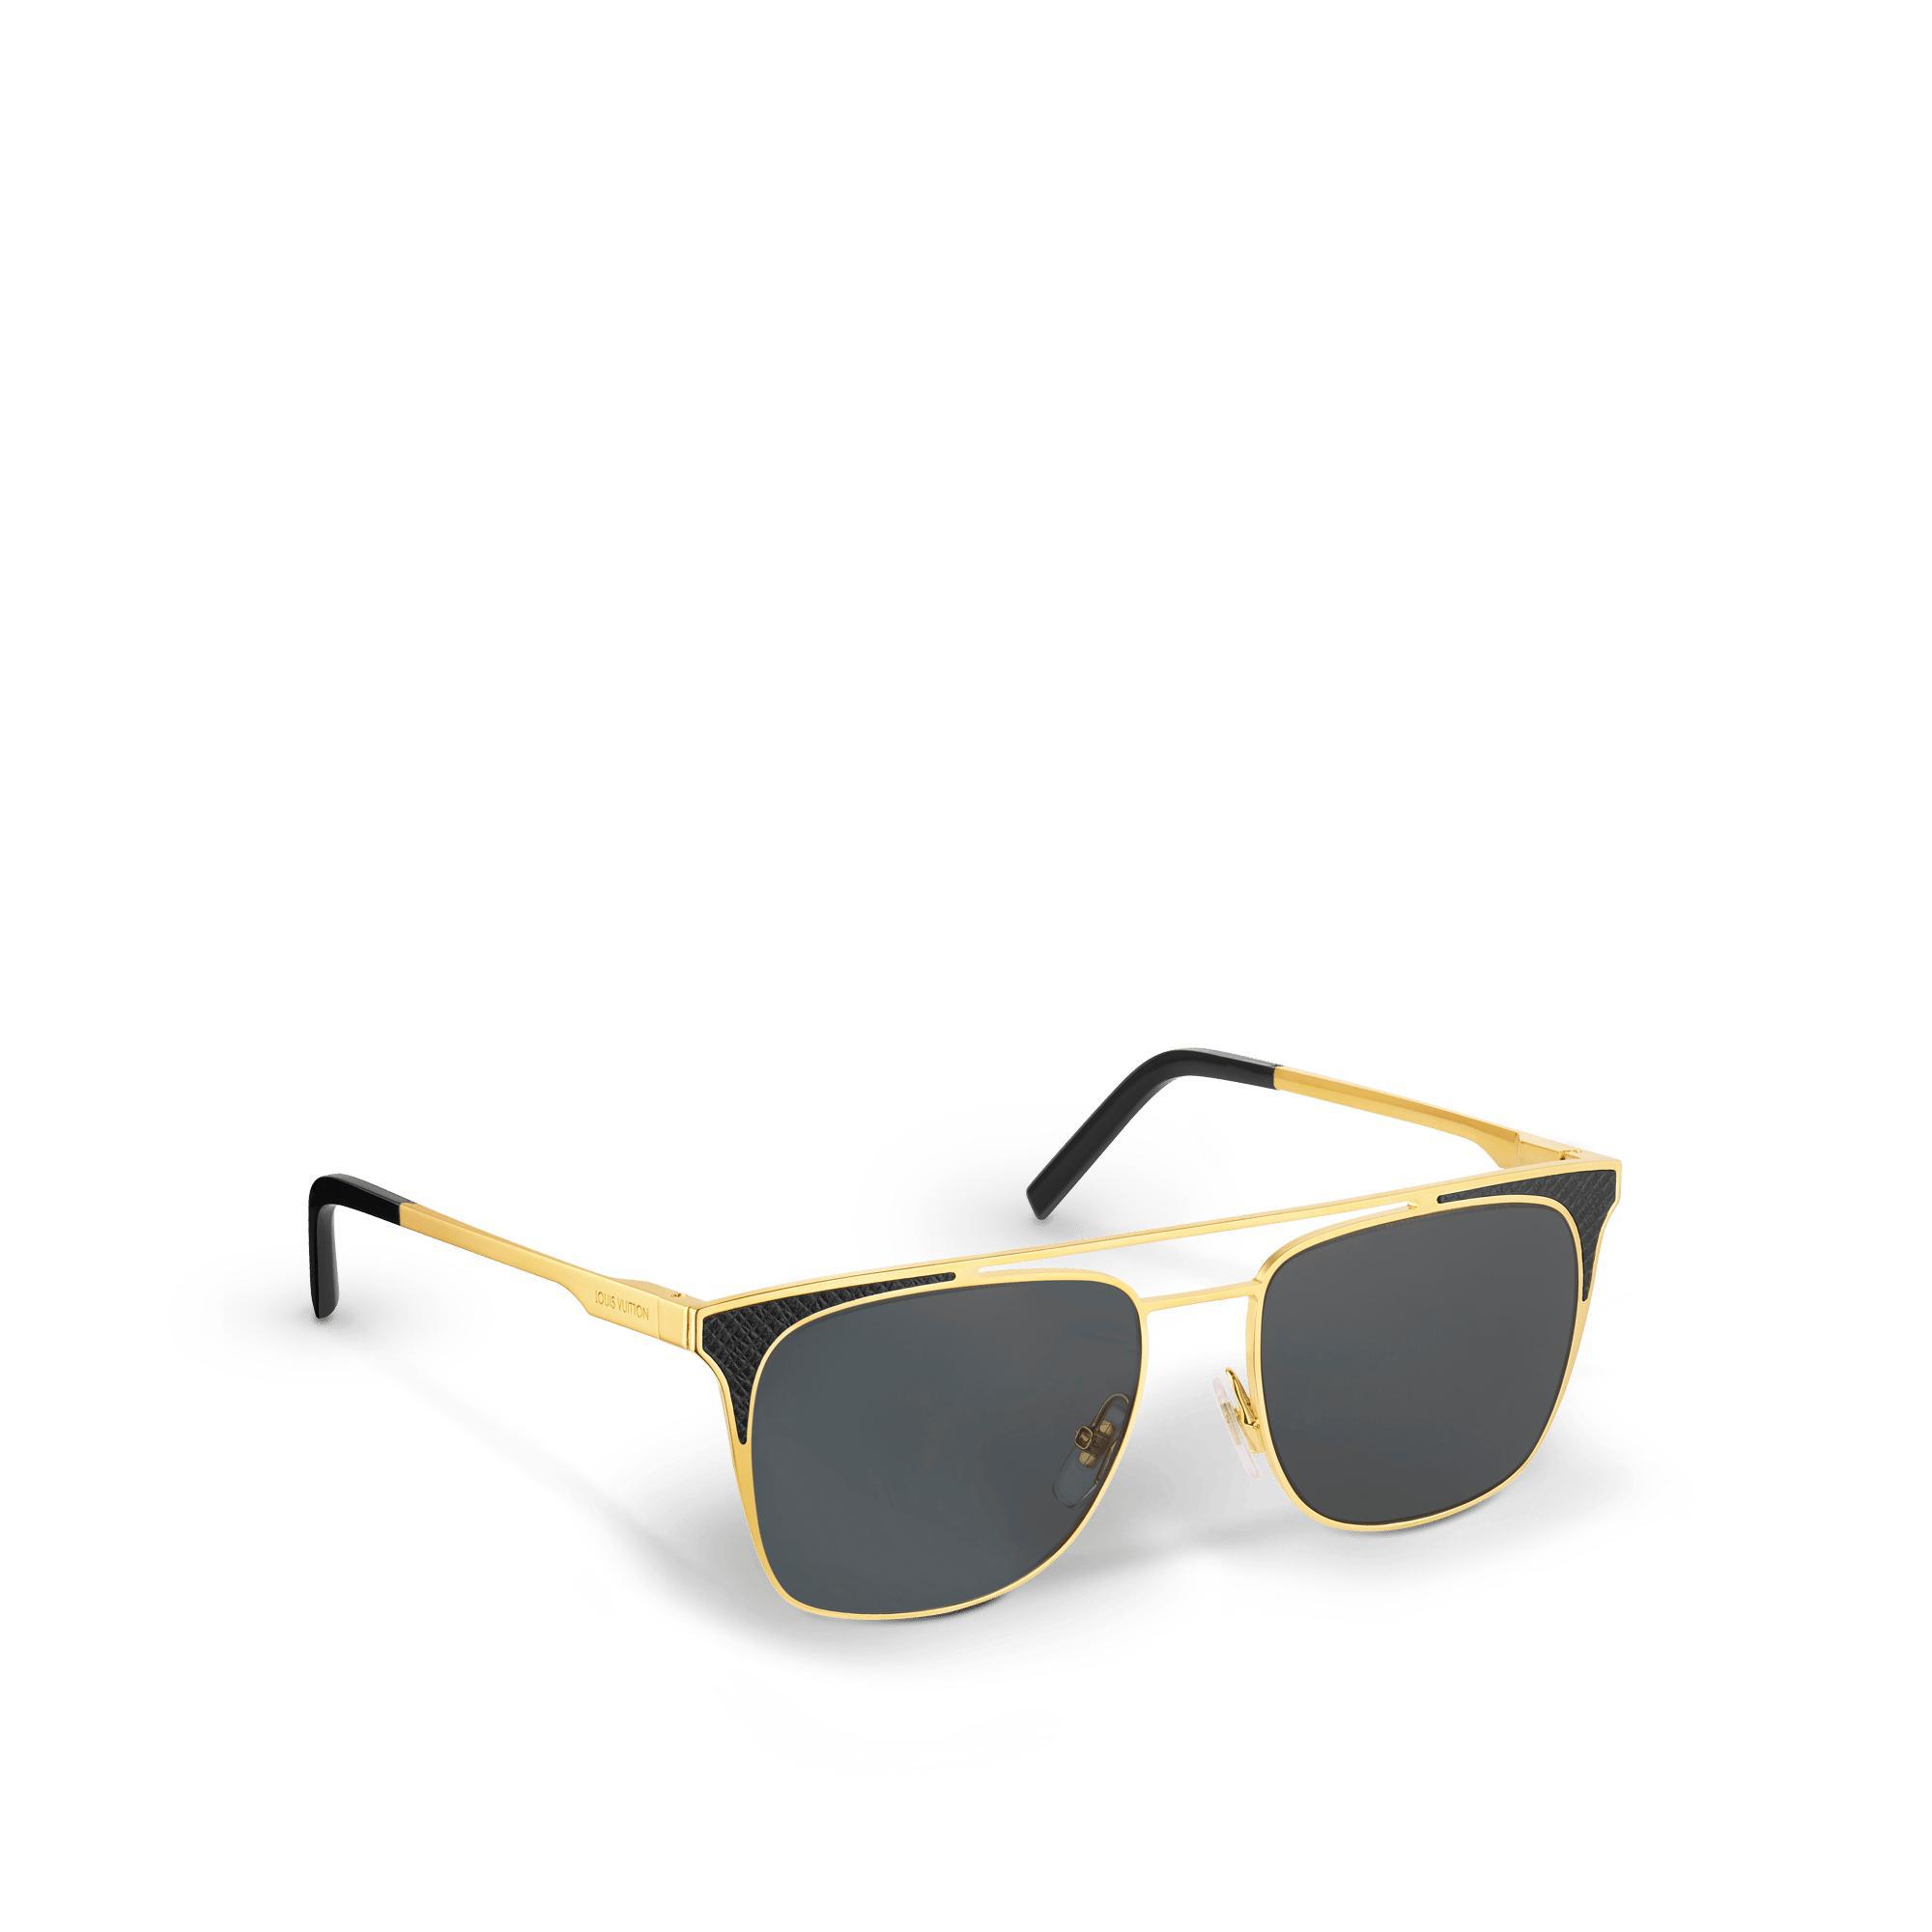 891394b5dce Louis Vuitton Lv Suit Sunglasses | ModeSens